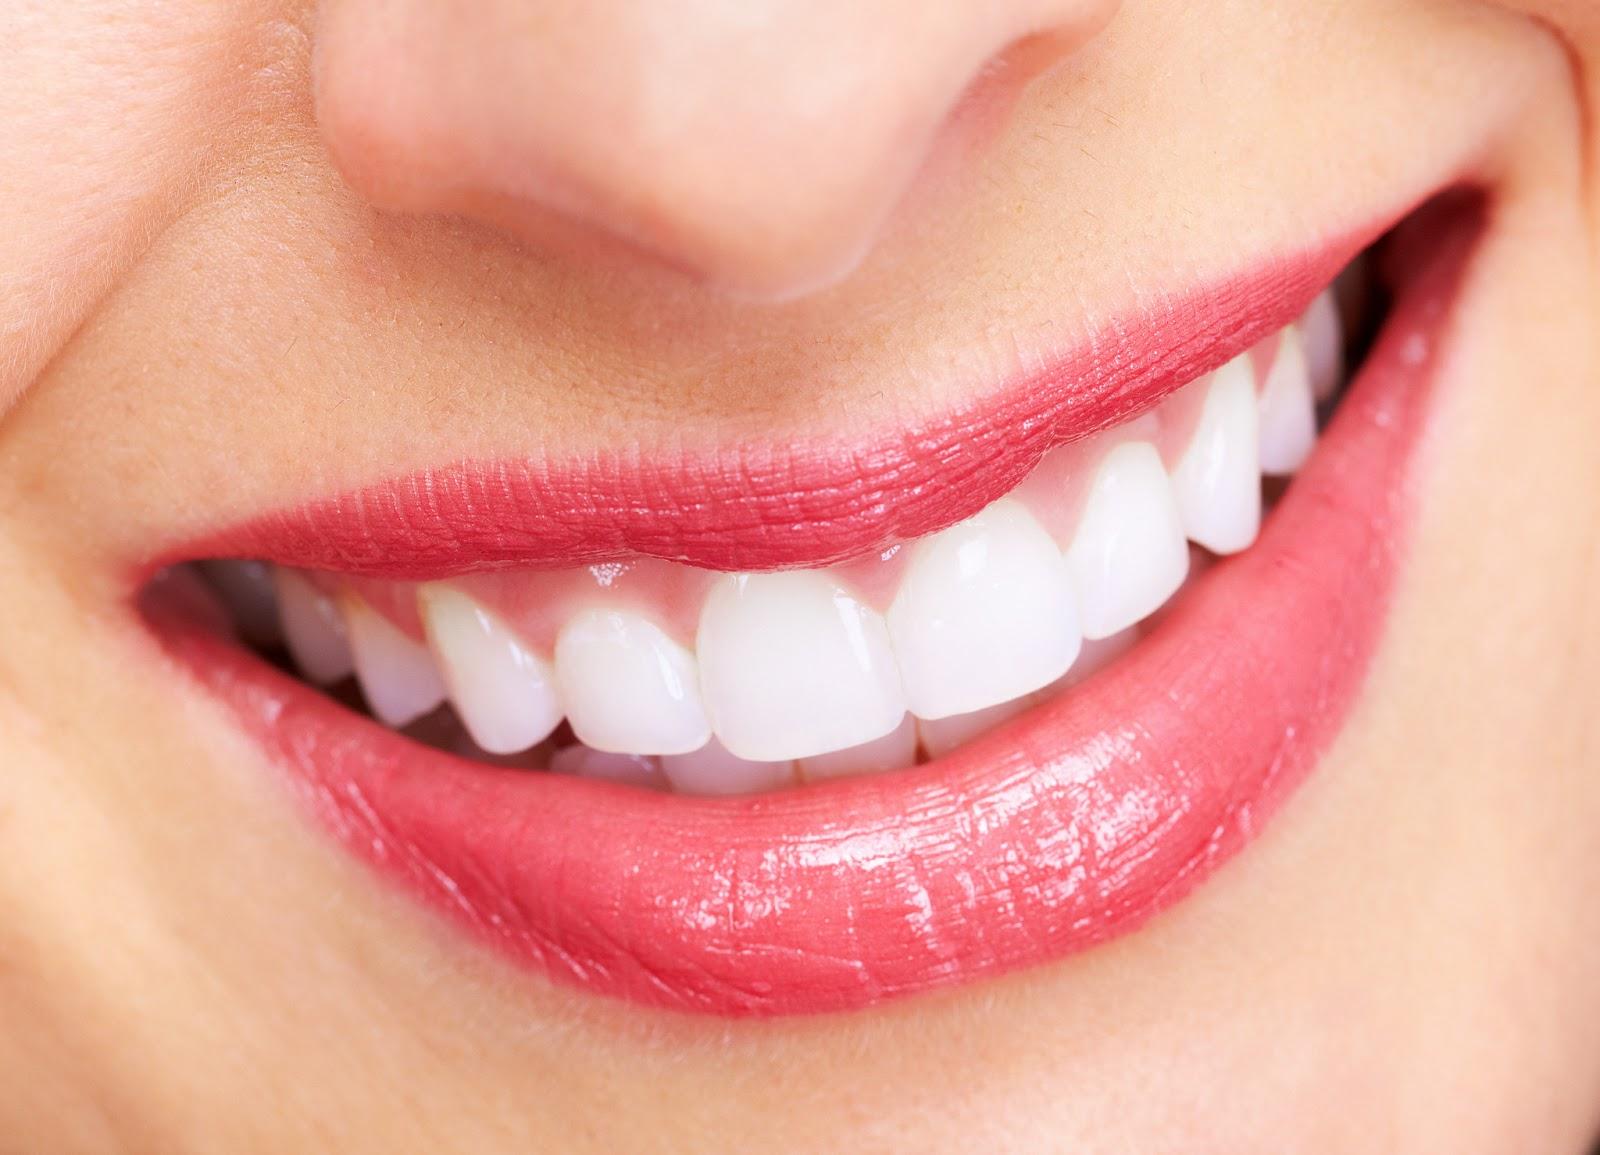 Vấn đề nắn răng ở đâu an toàn nhất Hà Nội